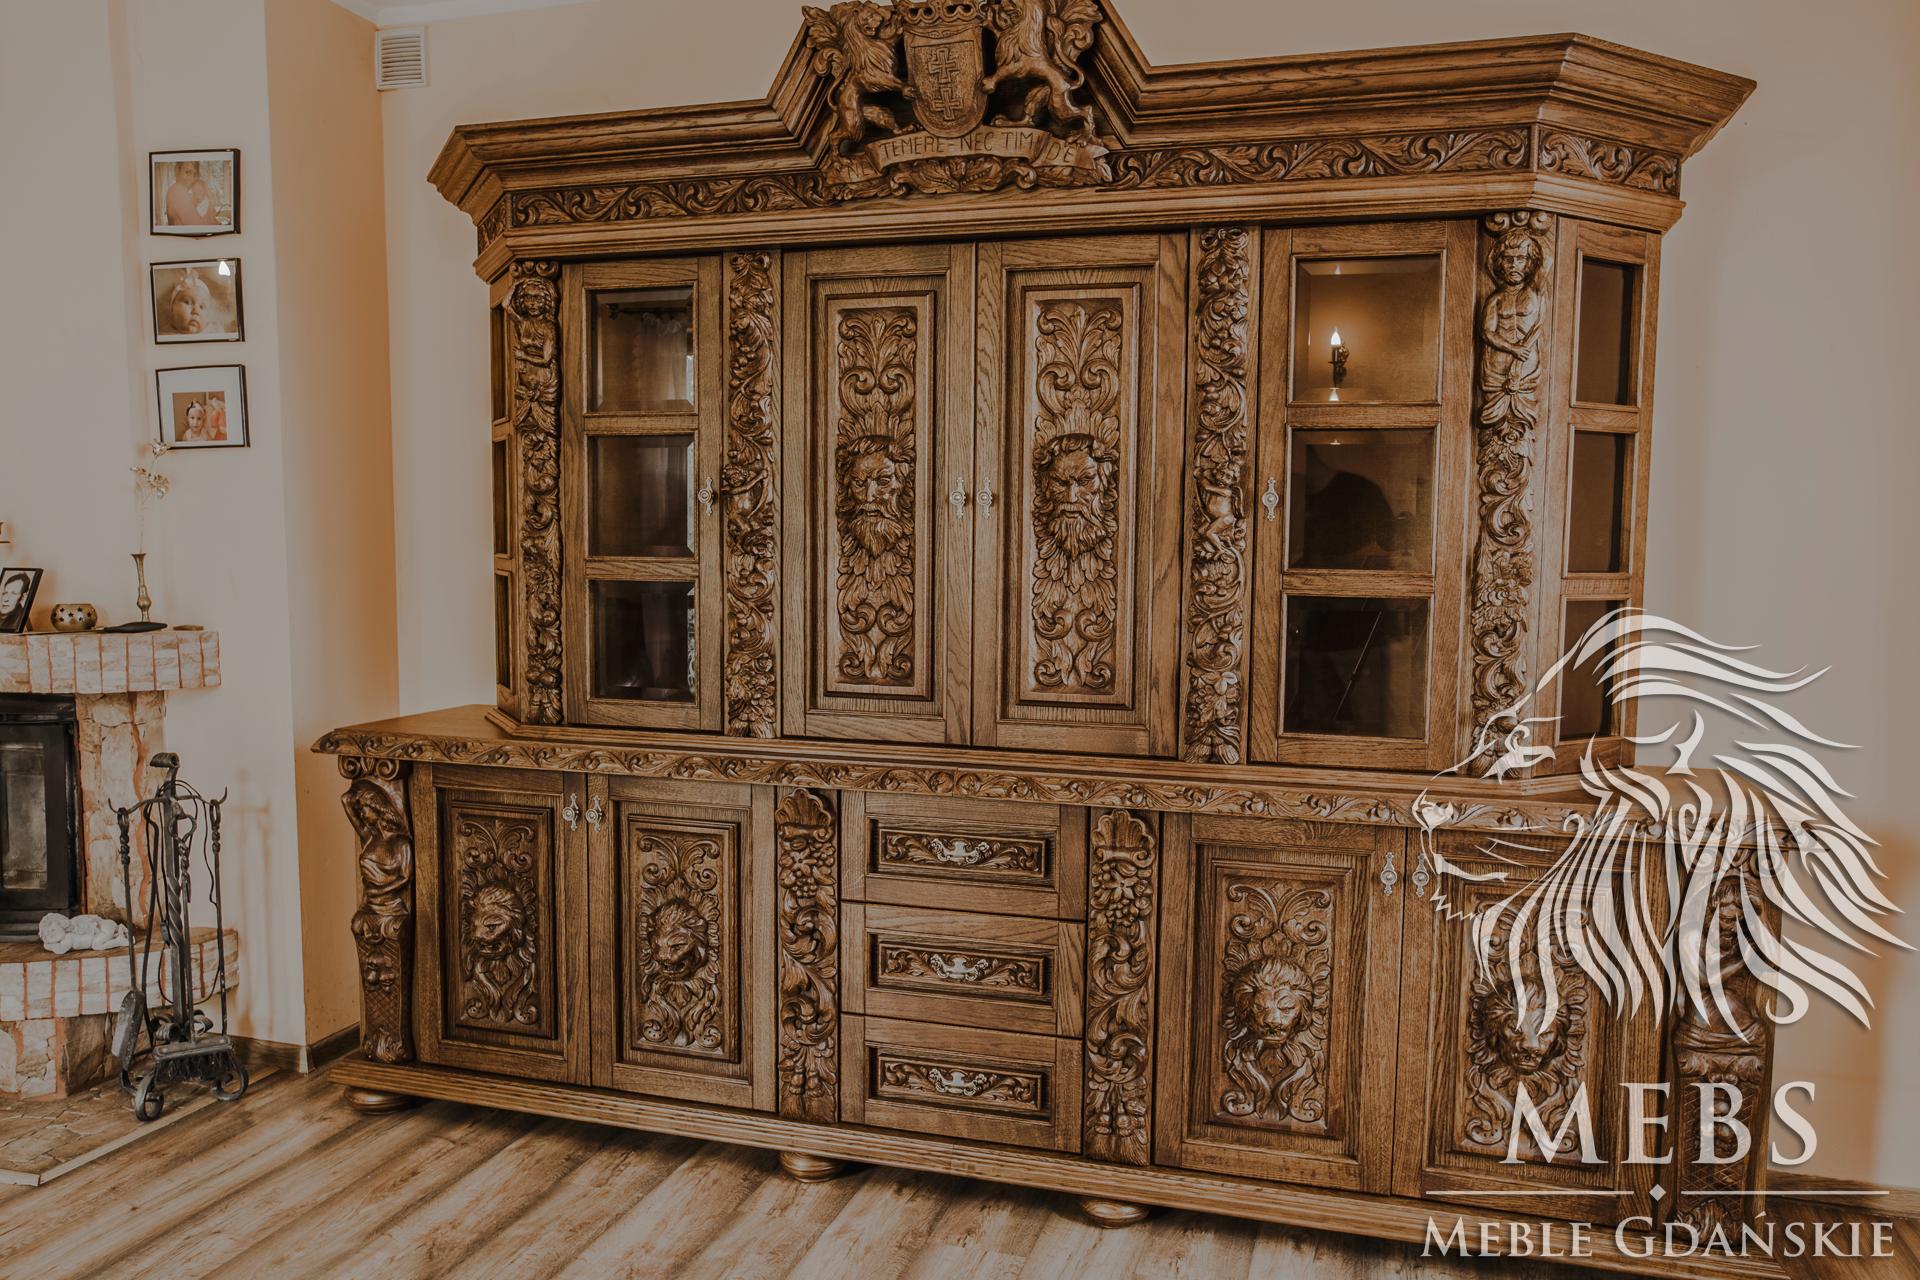 Meble Ręcznie Rzeźbione Do Pałacu Mebs Meble Gdańskie